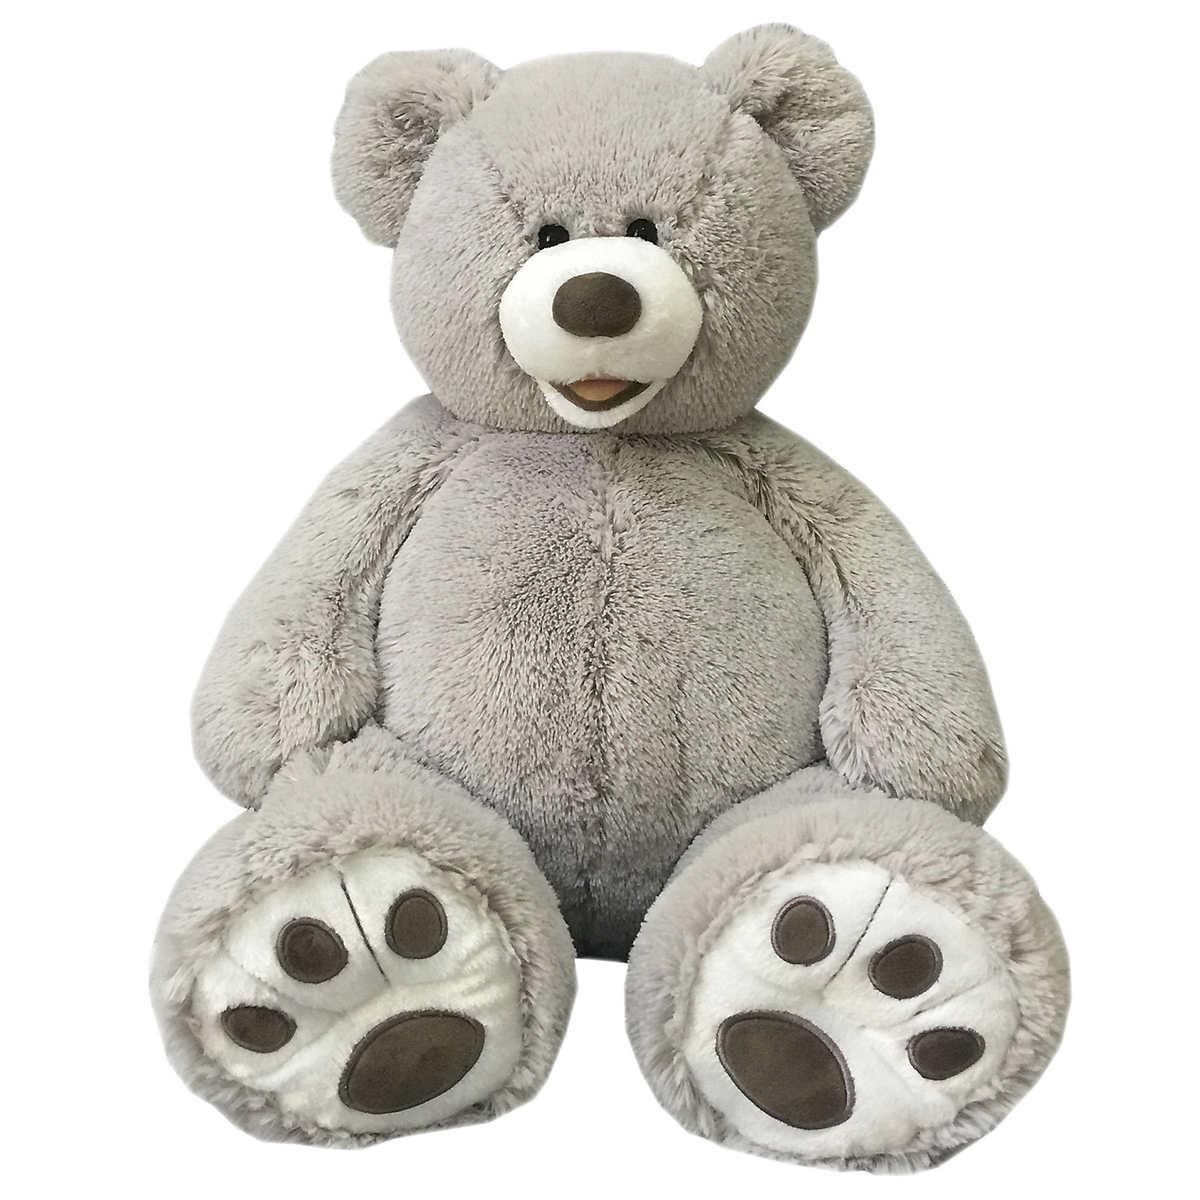 25 big teddy bear plush stuffed animals for women kid cute gift 25 plush bear voltagebd Gallery